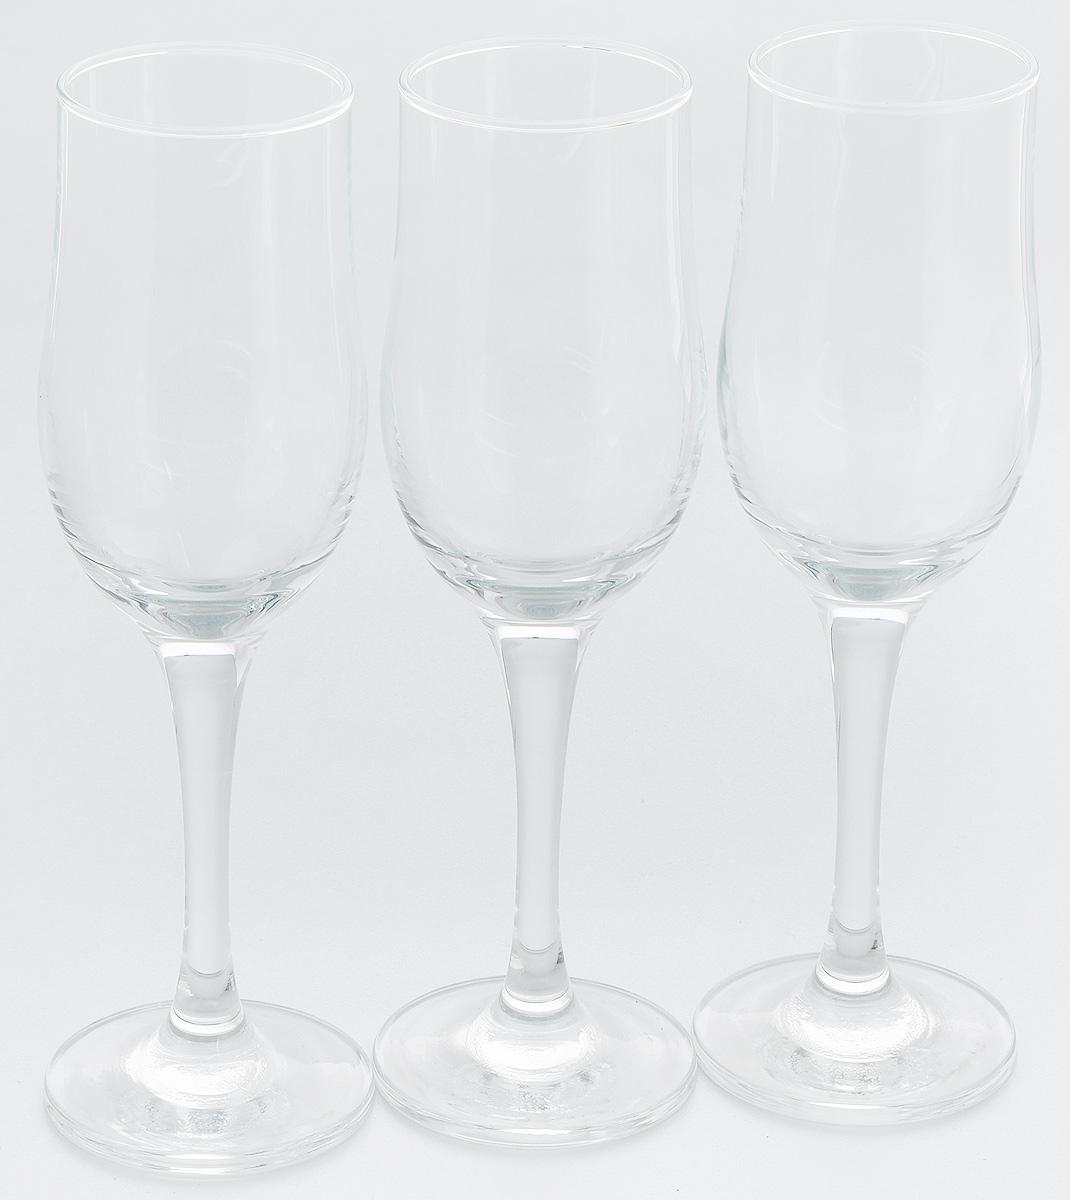 Набор фужеров для шампанского Pasabahce Tulipe, 190 мл, 3 шт imperial plus набор фужеров 6шт вино 315мл 4 64 pasabahce 4 1063139